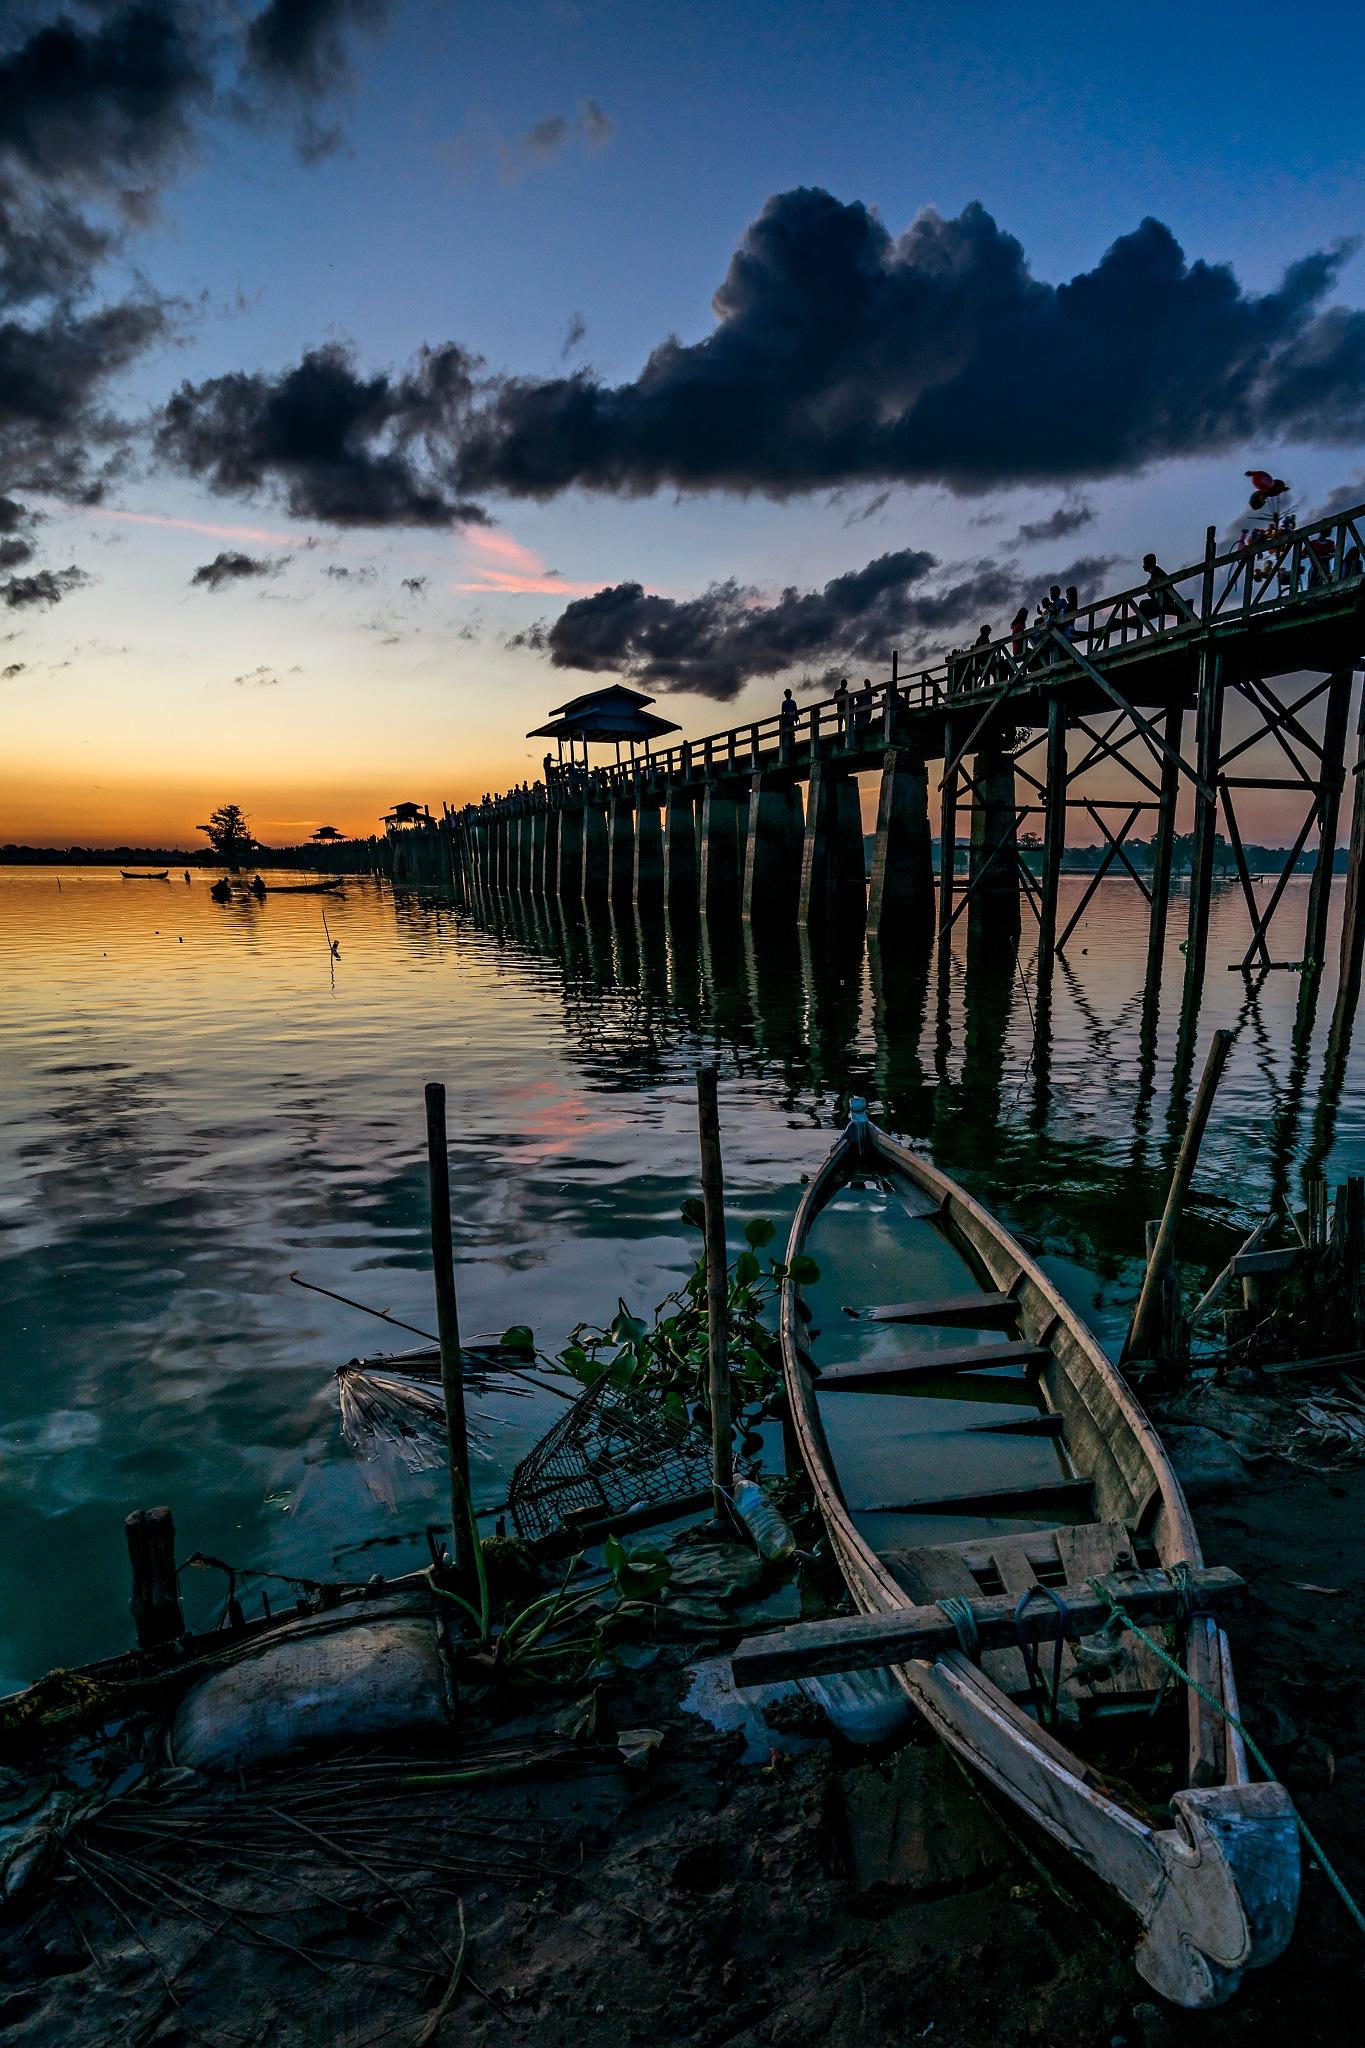 U Pain Bridge by Htet Aung